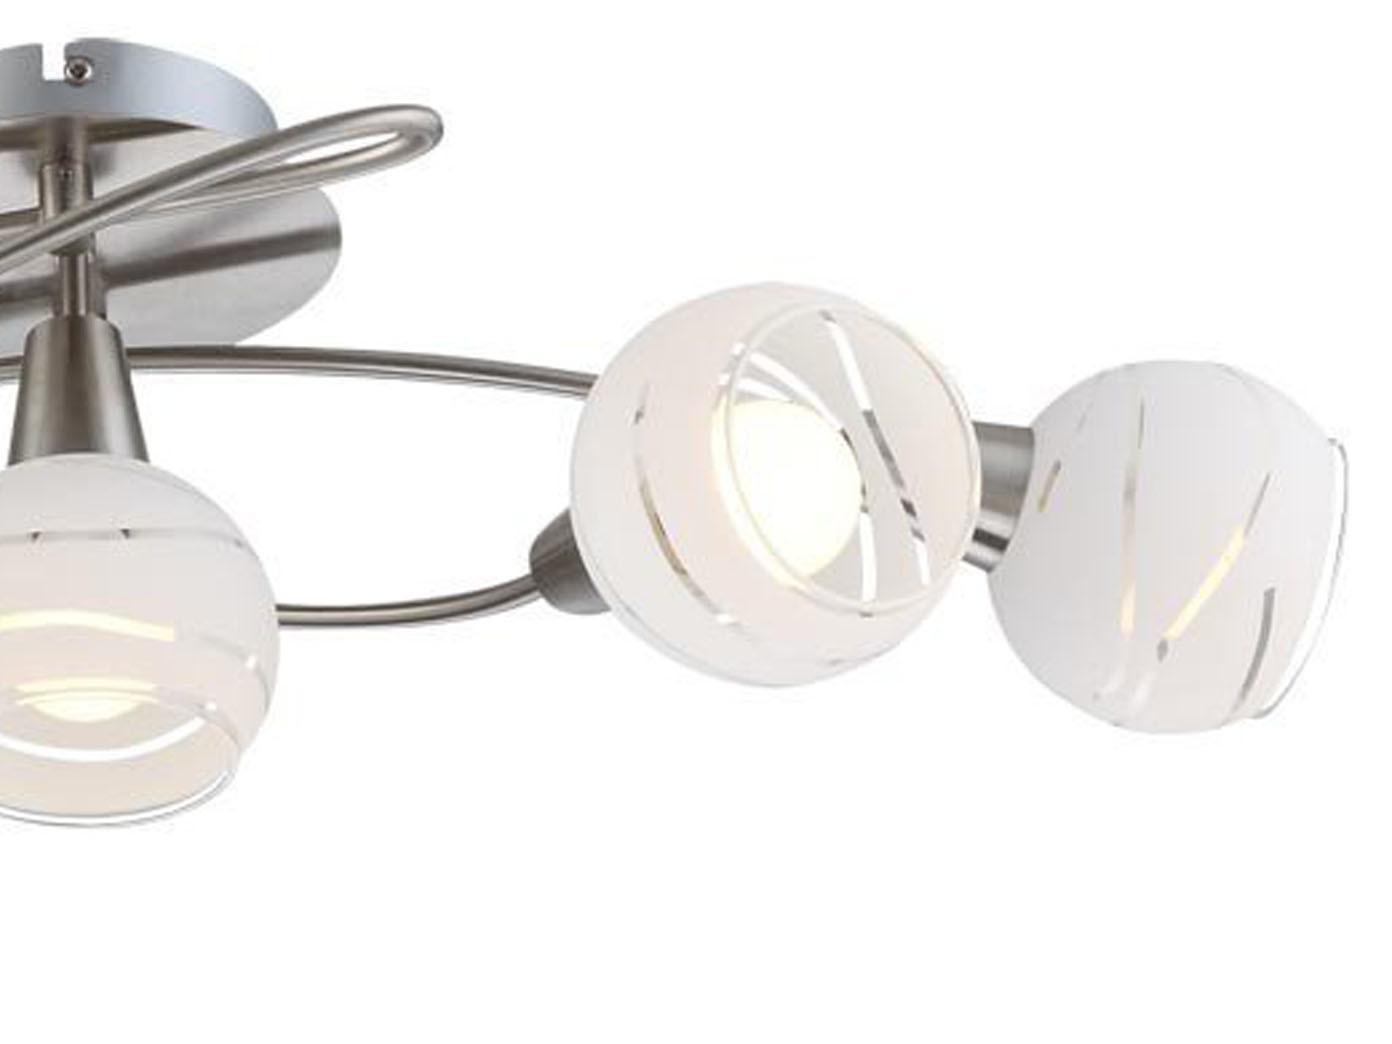 2x LED Deckenlampen Strahler 5flammig mit Glasschirmen Deckenleuchten Rondell